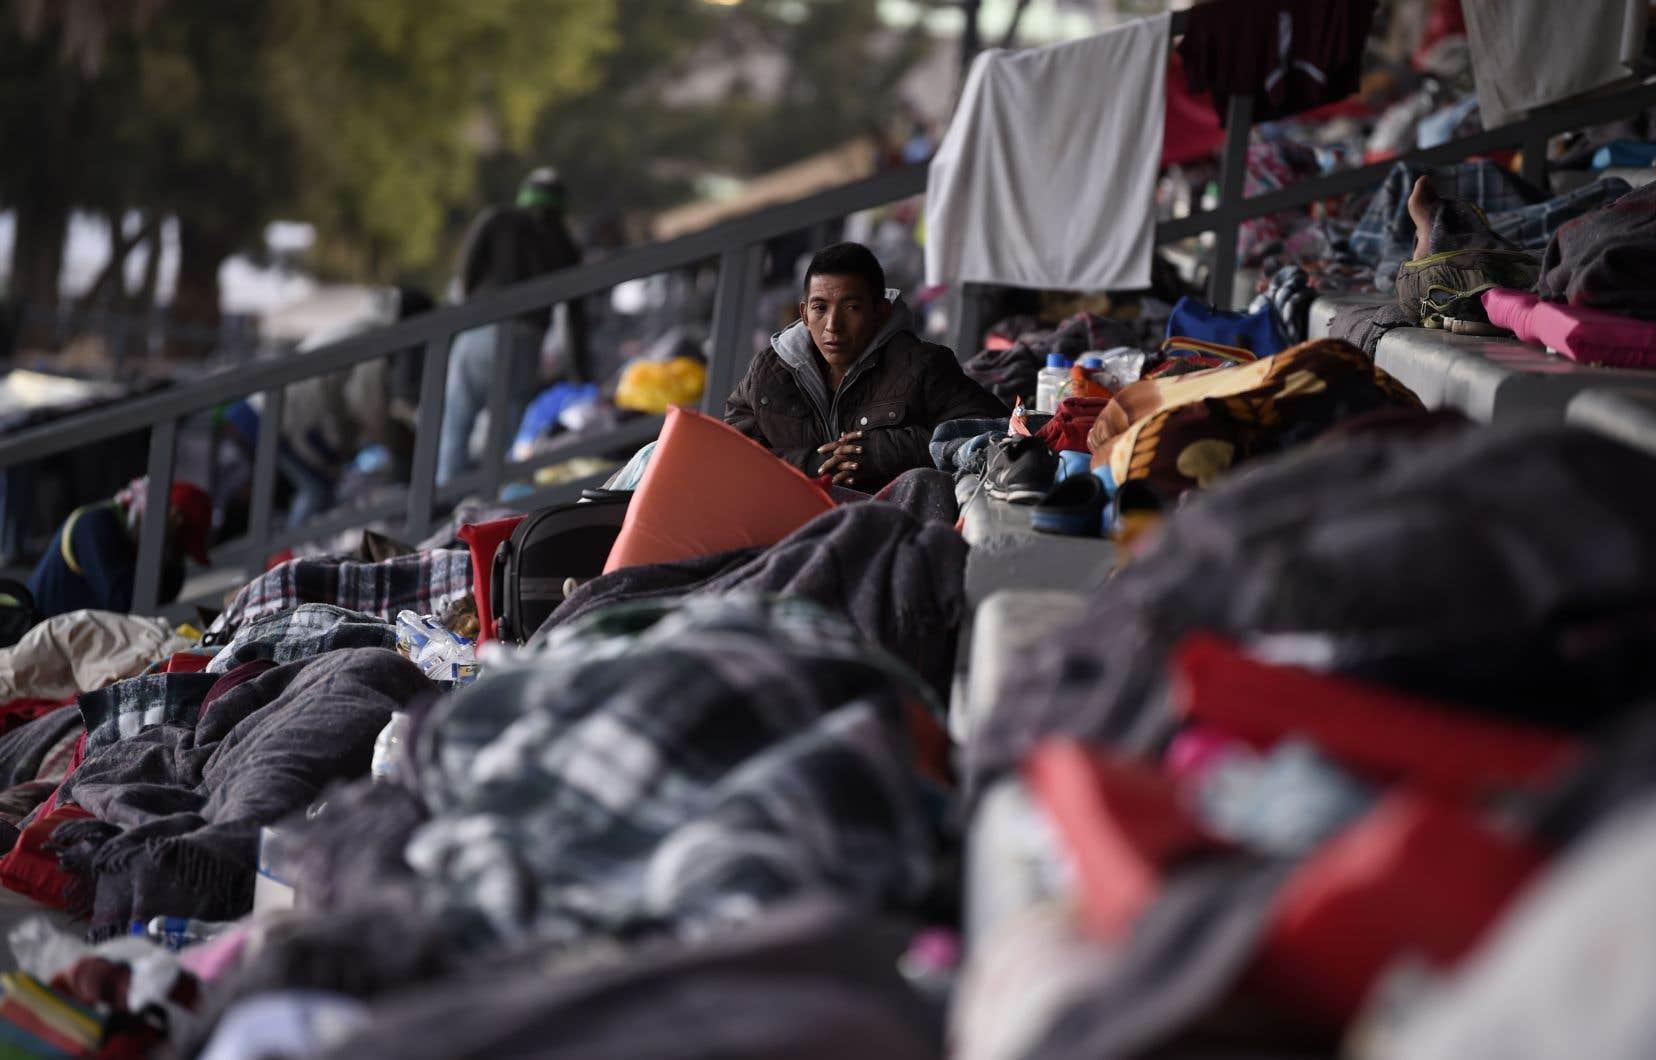 Les migrants n'étant pas arrivés sur le territoire américain via un point d'entrée officiel ne pourront pas déposer de demande d'asile.